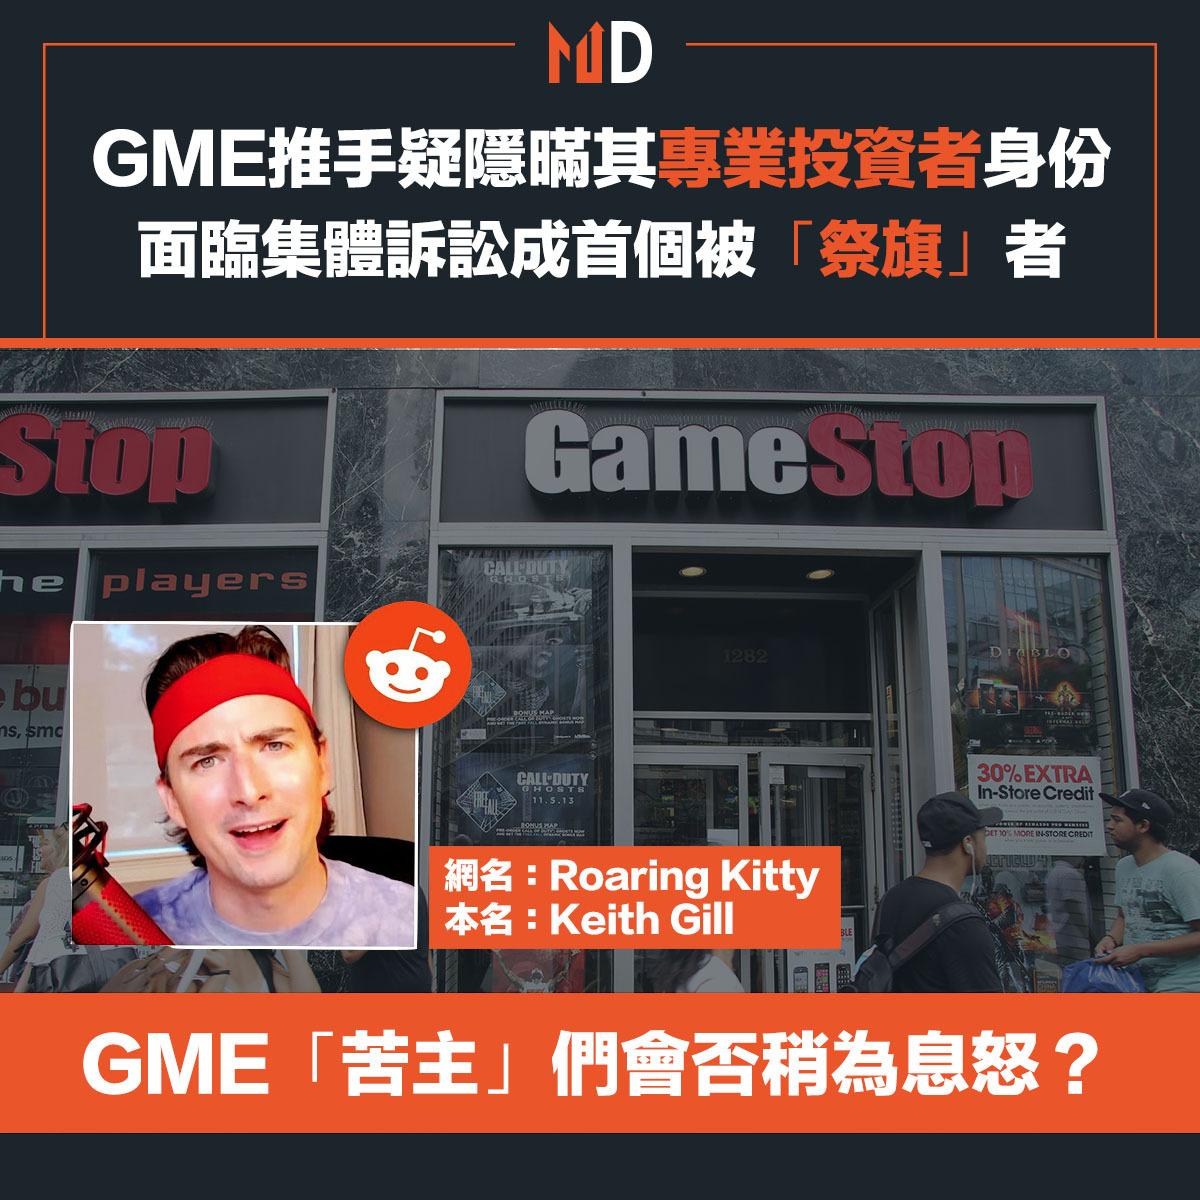 【挾淡倉潮】GME推手疑隱暪專業投資者身份,面臨集體訴訟成首個被「祭旗」者